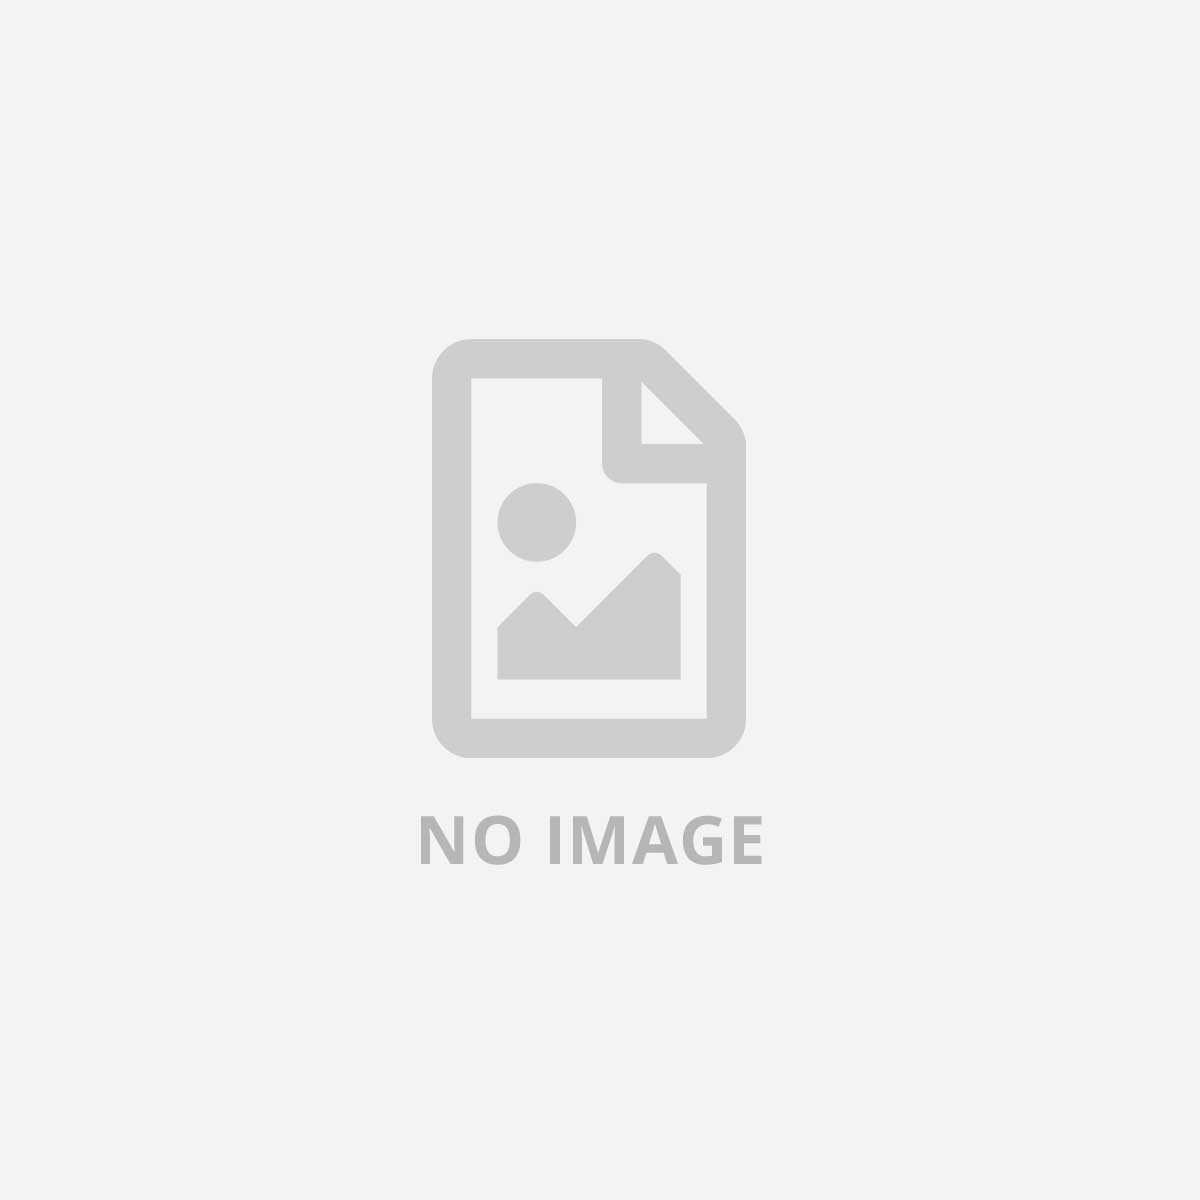 SAPPHIRE R7 240 2G DDR3